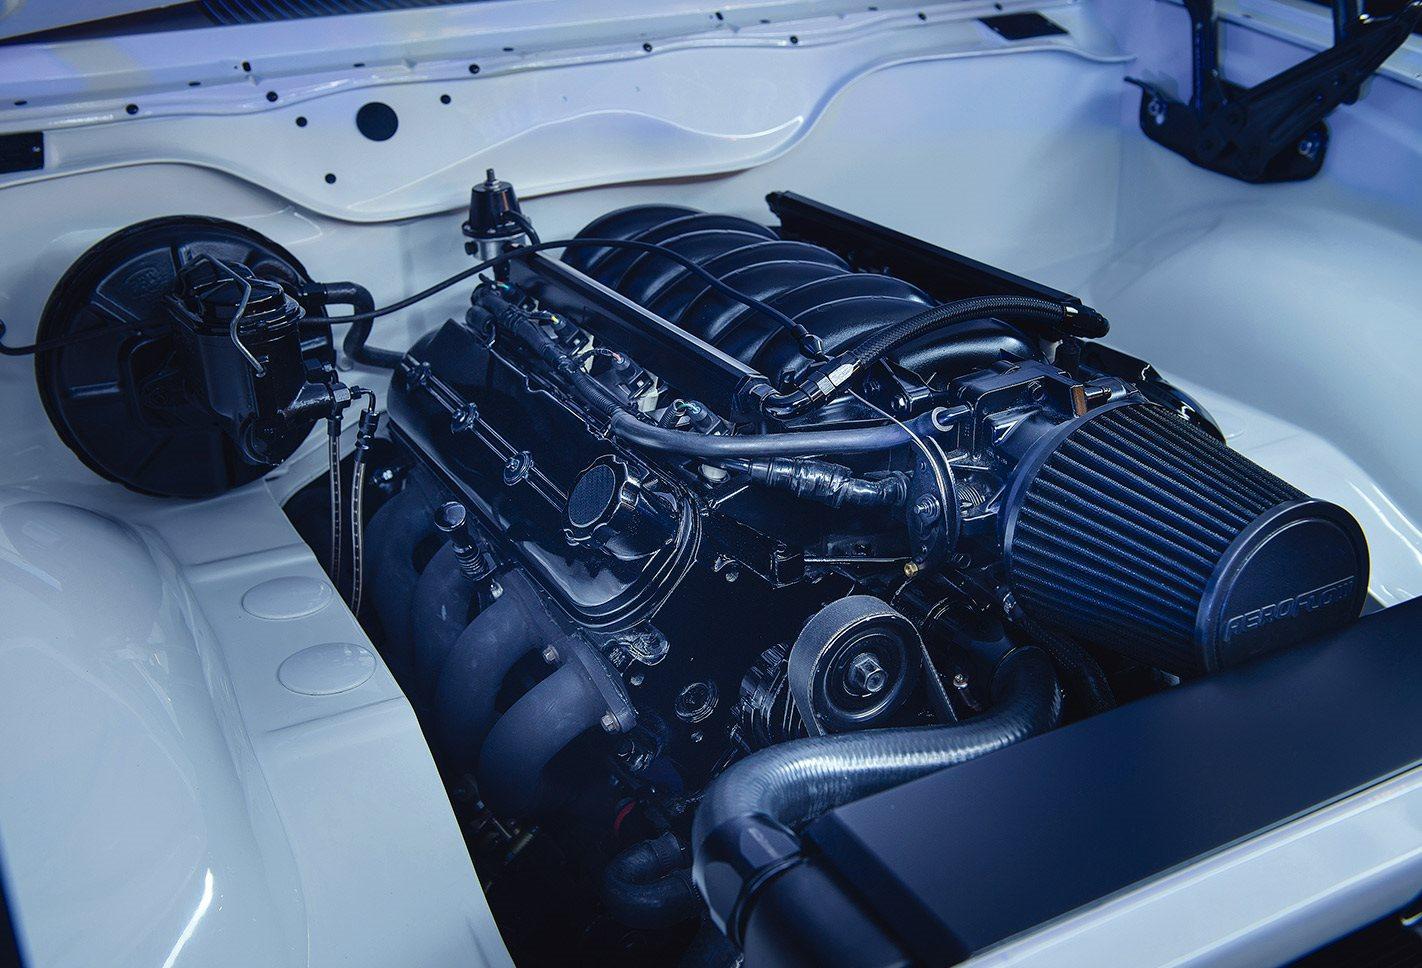 Holden LH Torana engine